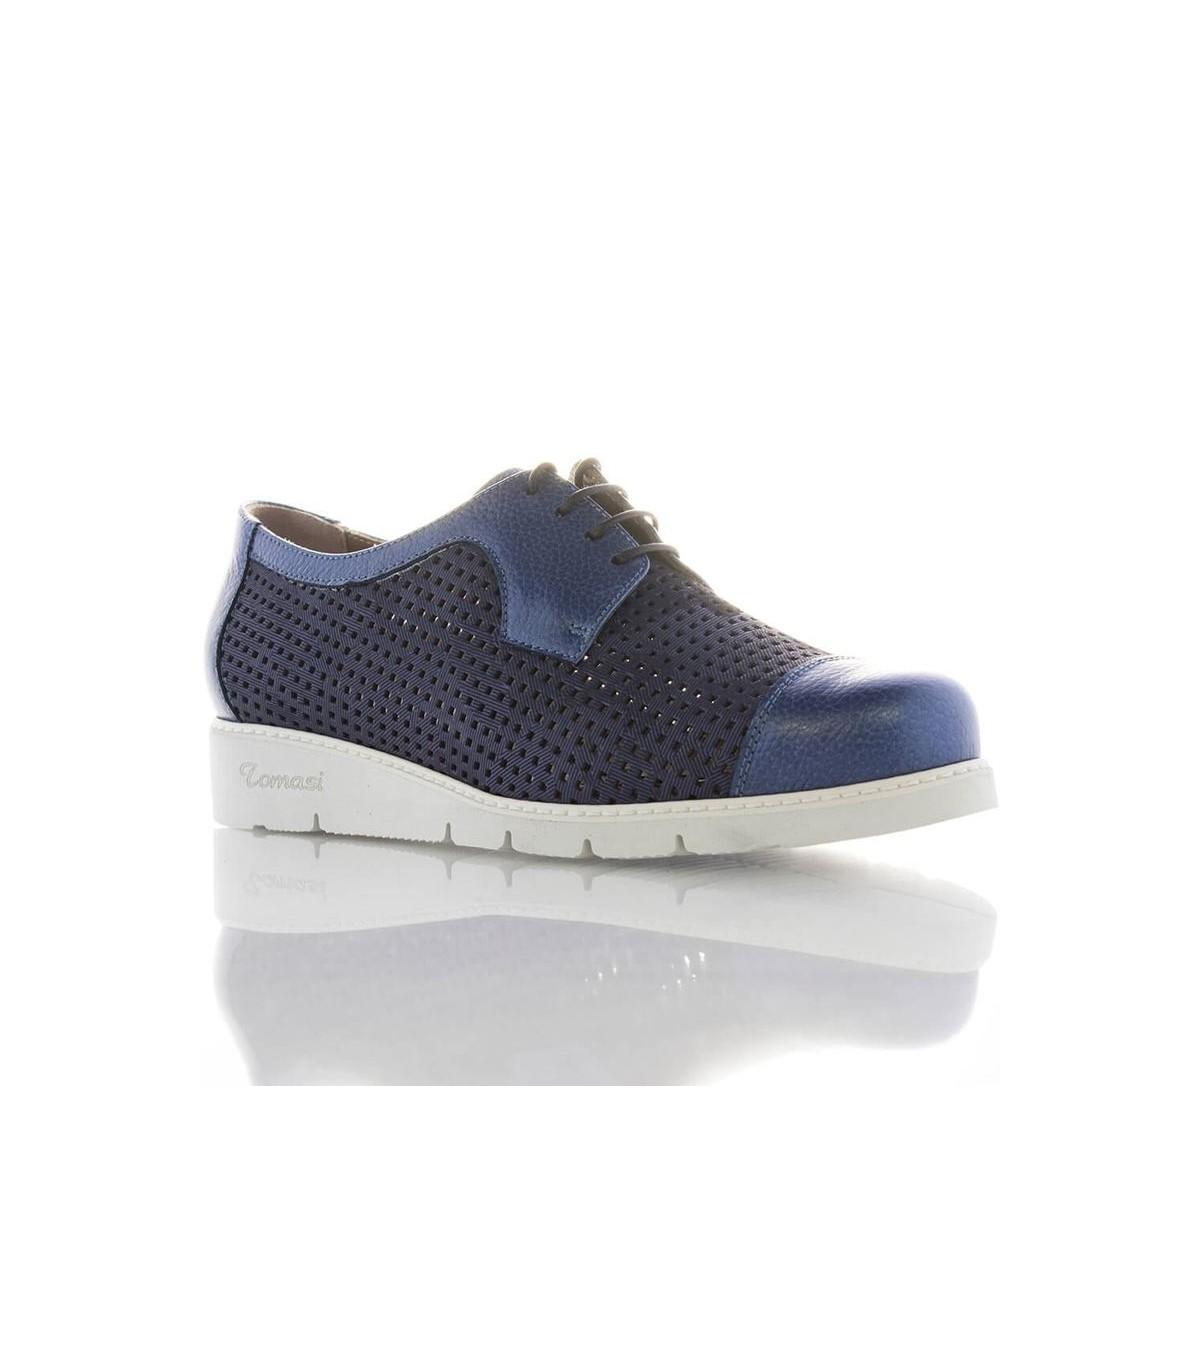 premium selection 8273d 1d045 F lli Tomasi Shirly Forato scarpe donna